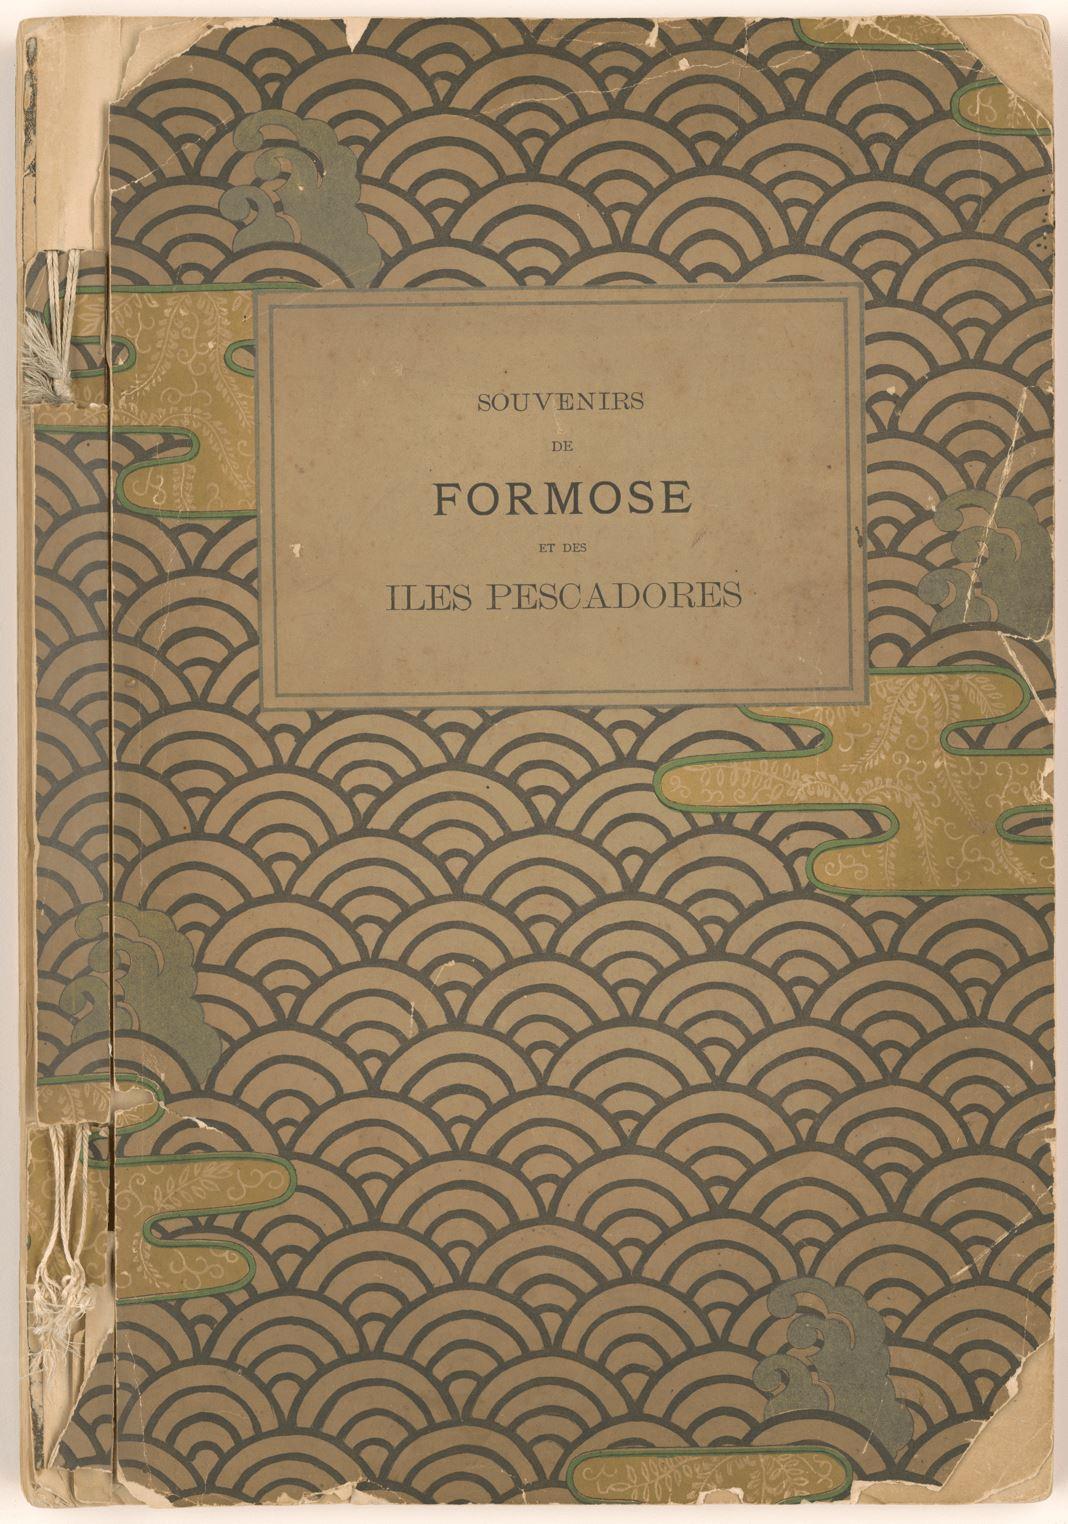 Souvenirs de Formose et des Îles Pescadores (Memories from Formosa and the Pescadores Islands)